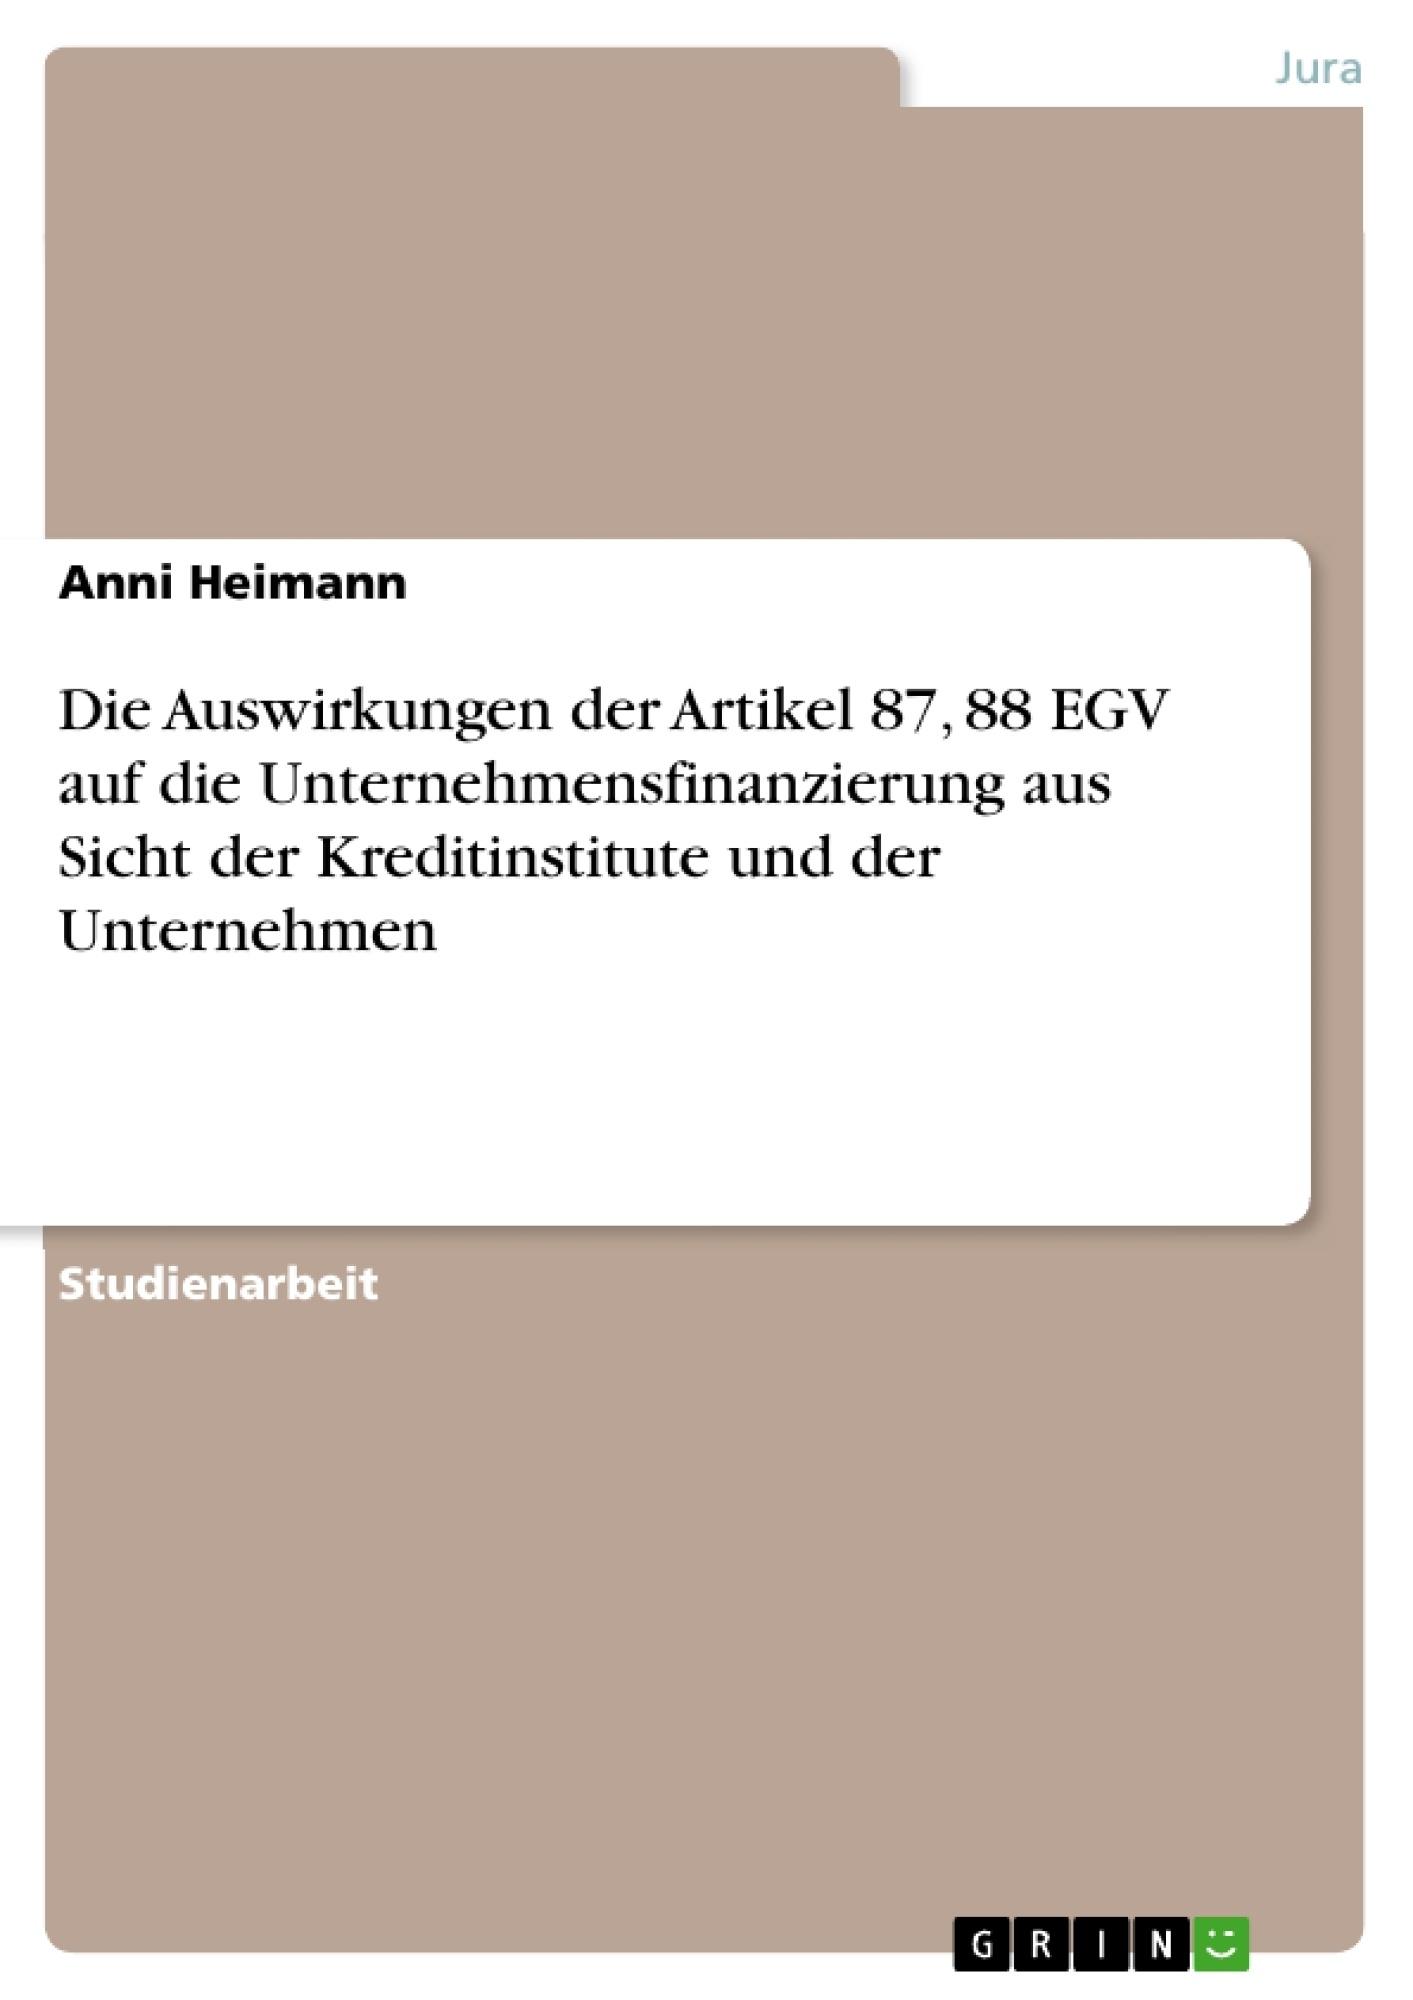 Titel: Die Auswirkungen der Artikel 87, 88 EGV auf die Unternehmensfinanzierung aus Sicht der Kreditinstitute und der Unternehmen